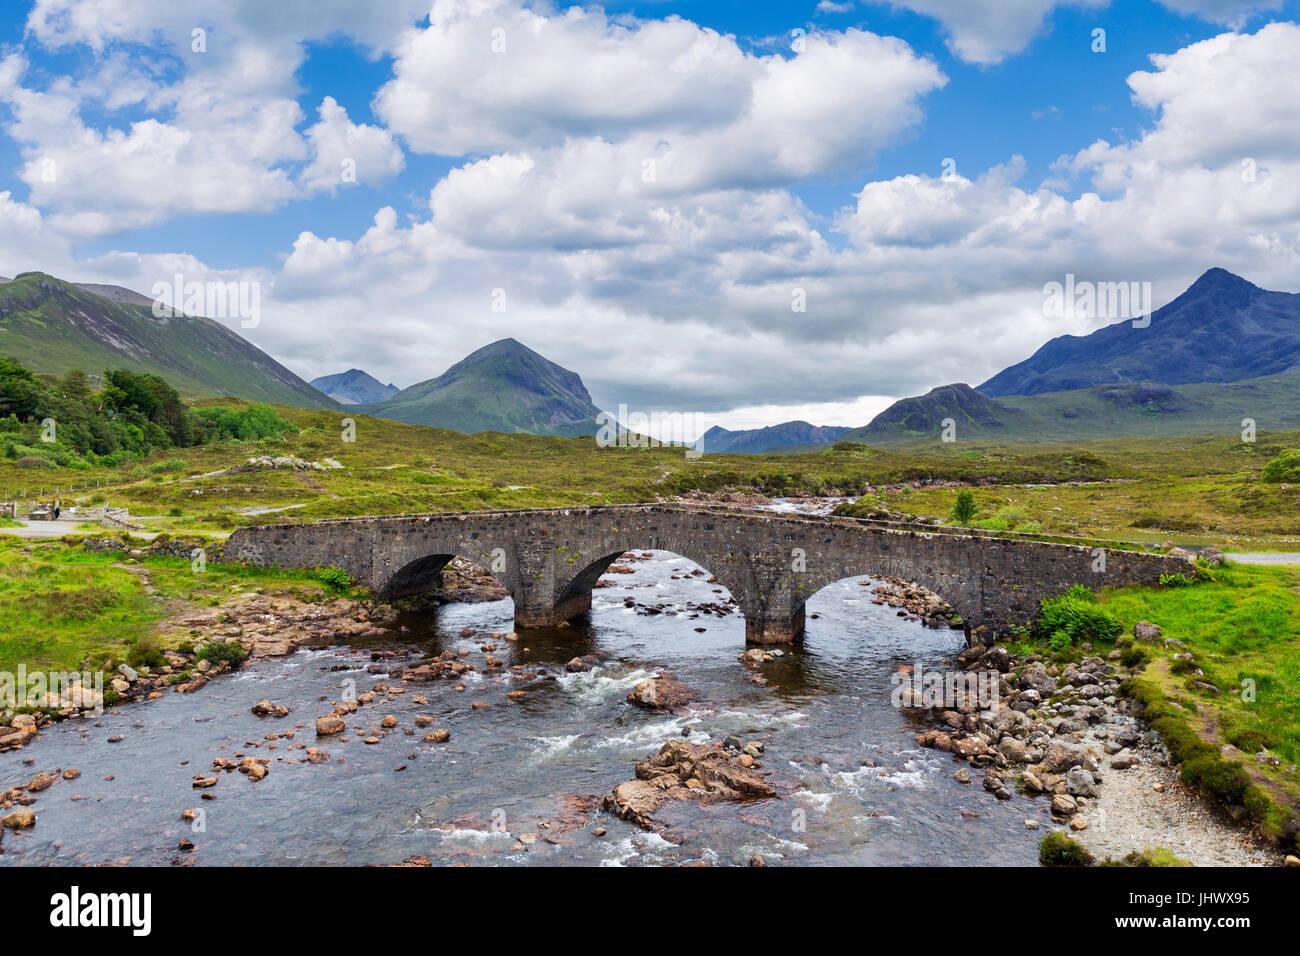 Puente Viejo Sligachan mirando hacia la cordillera Cuillin, Isla de Skye, Highland, Scotland, Reino Unido Imagen De Stock